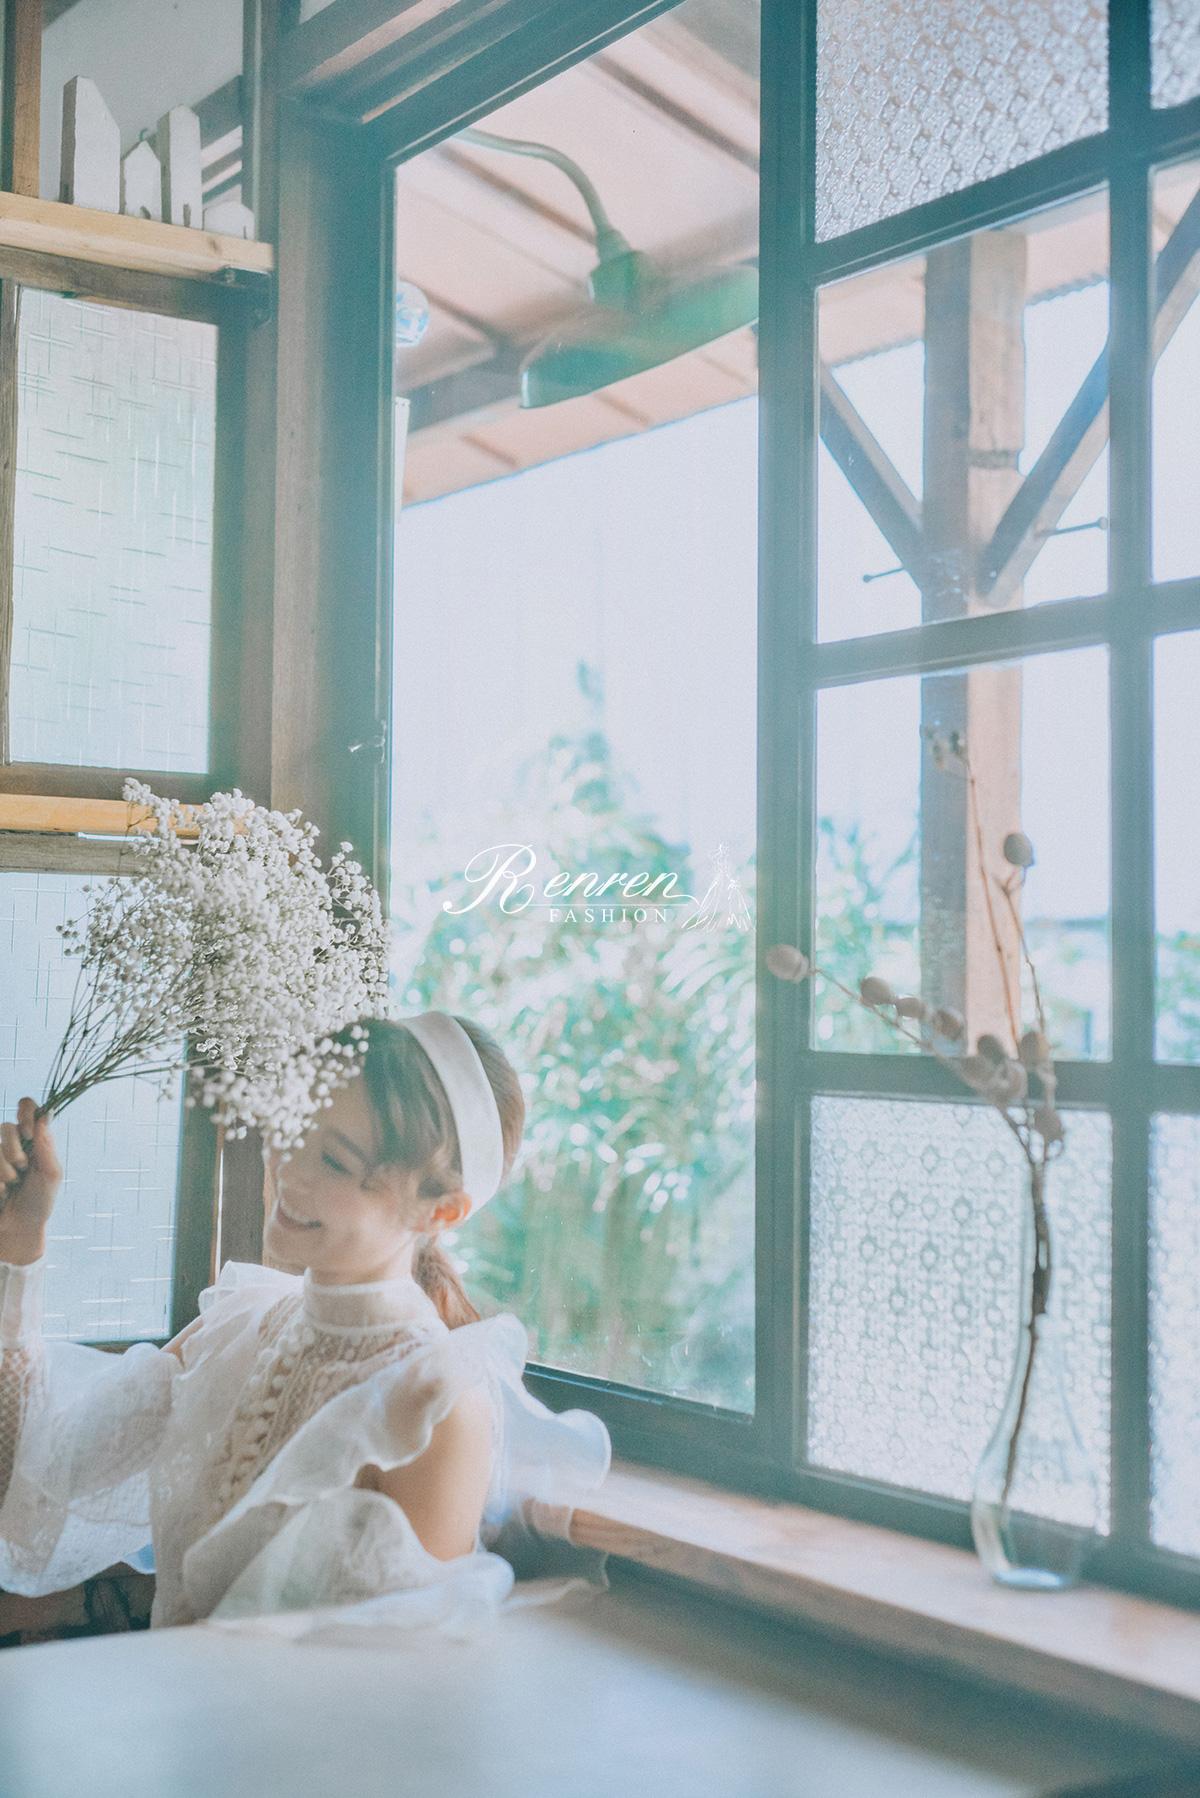 慕朵-魏沐-紀實婚紗-台中日式建築-戶方-老屋-冉冉婚紗-18